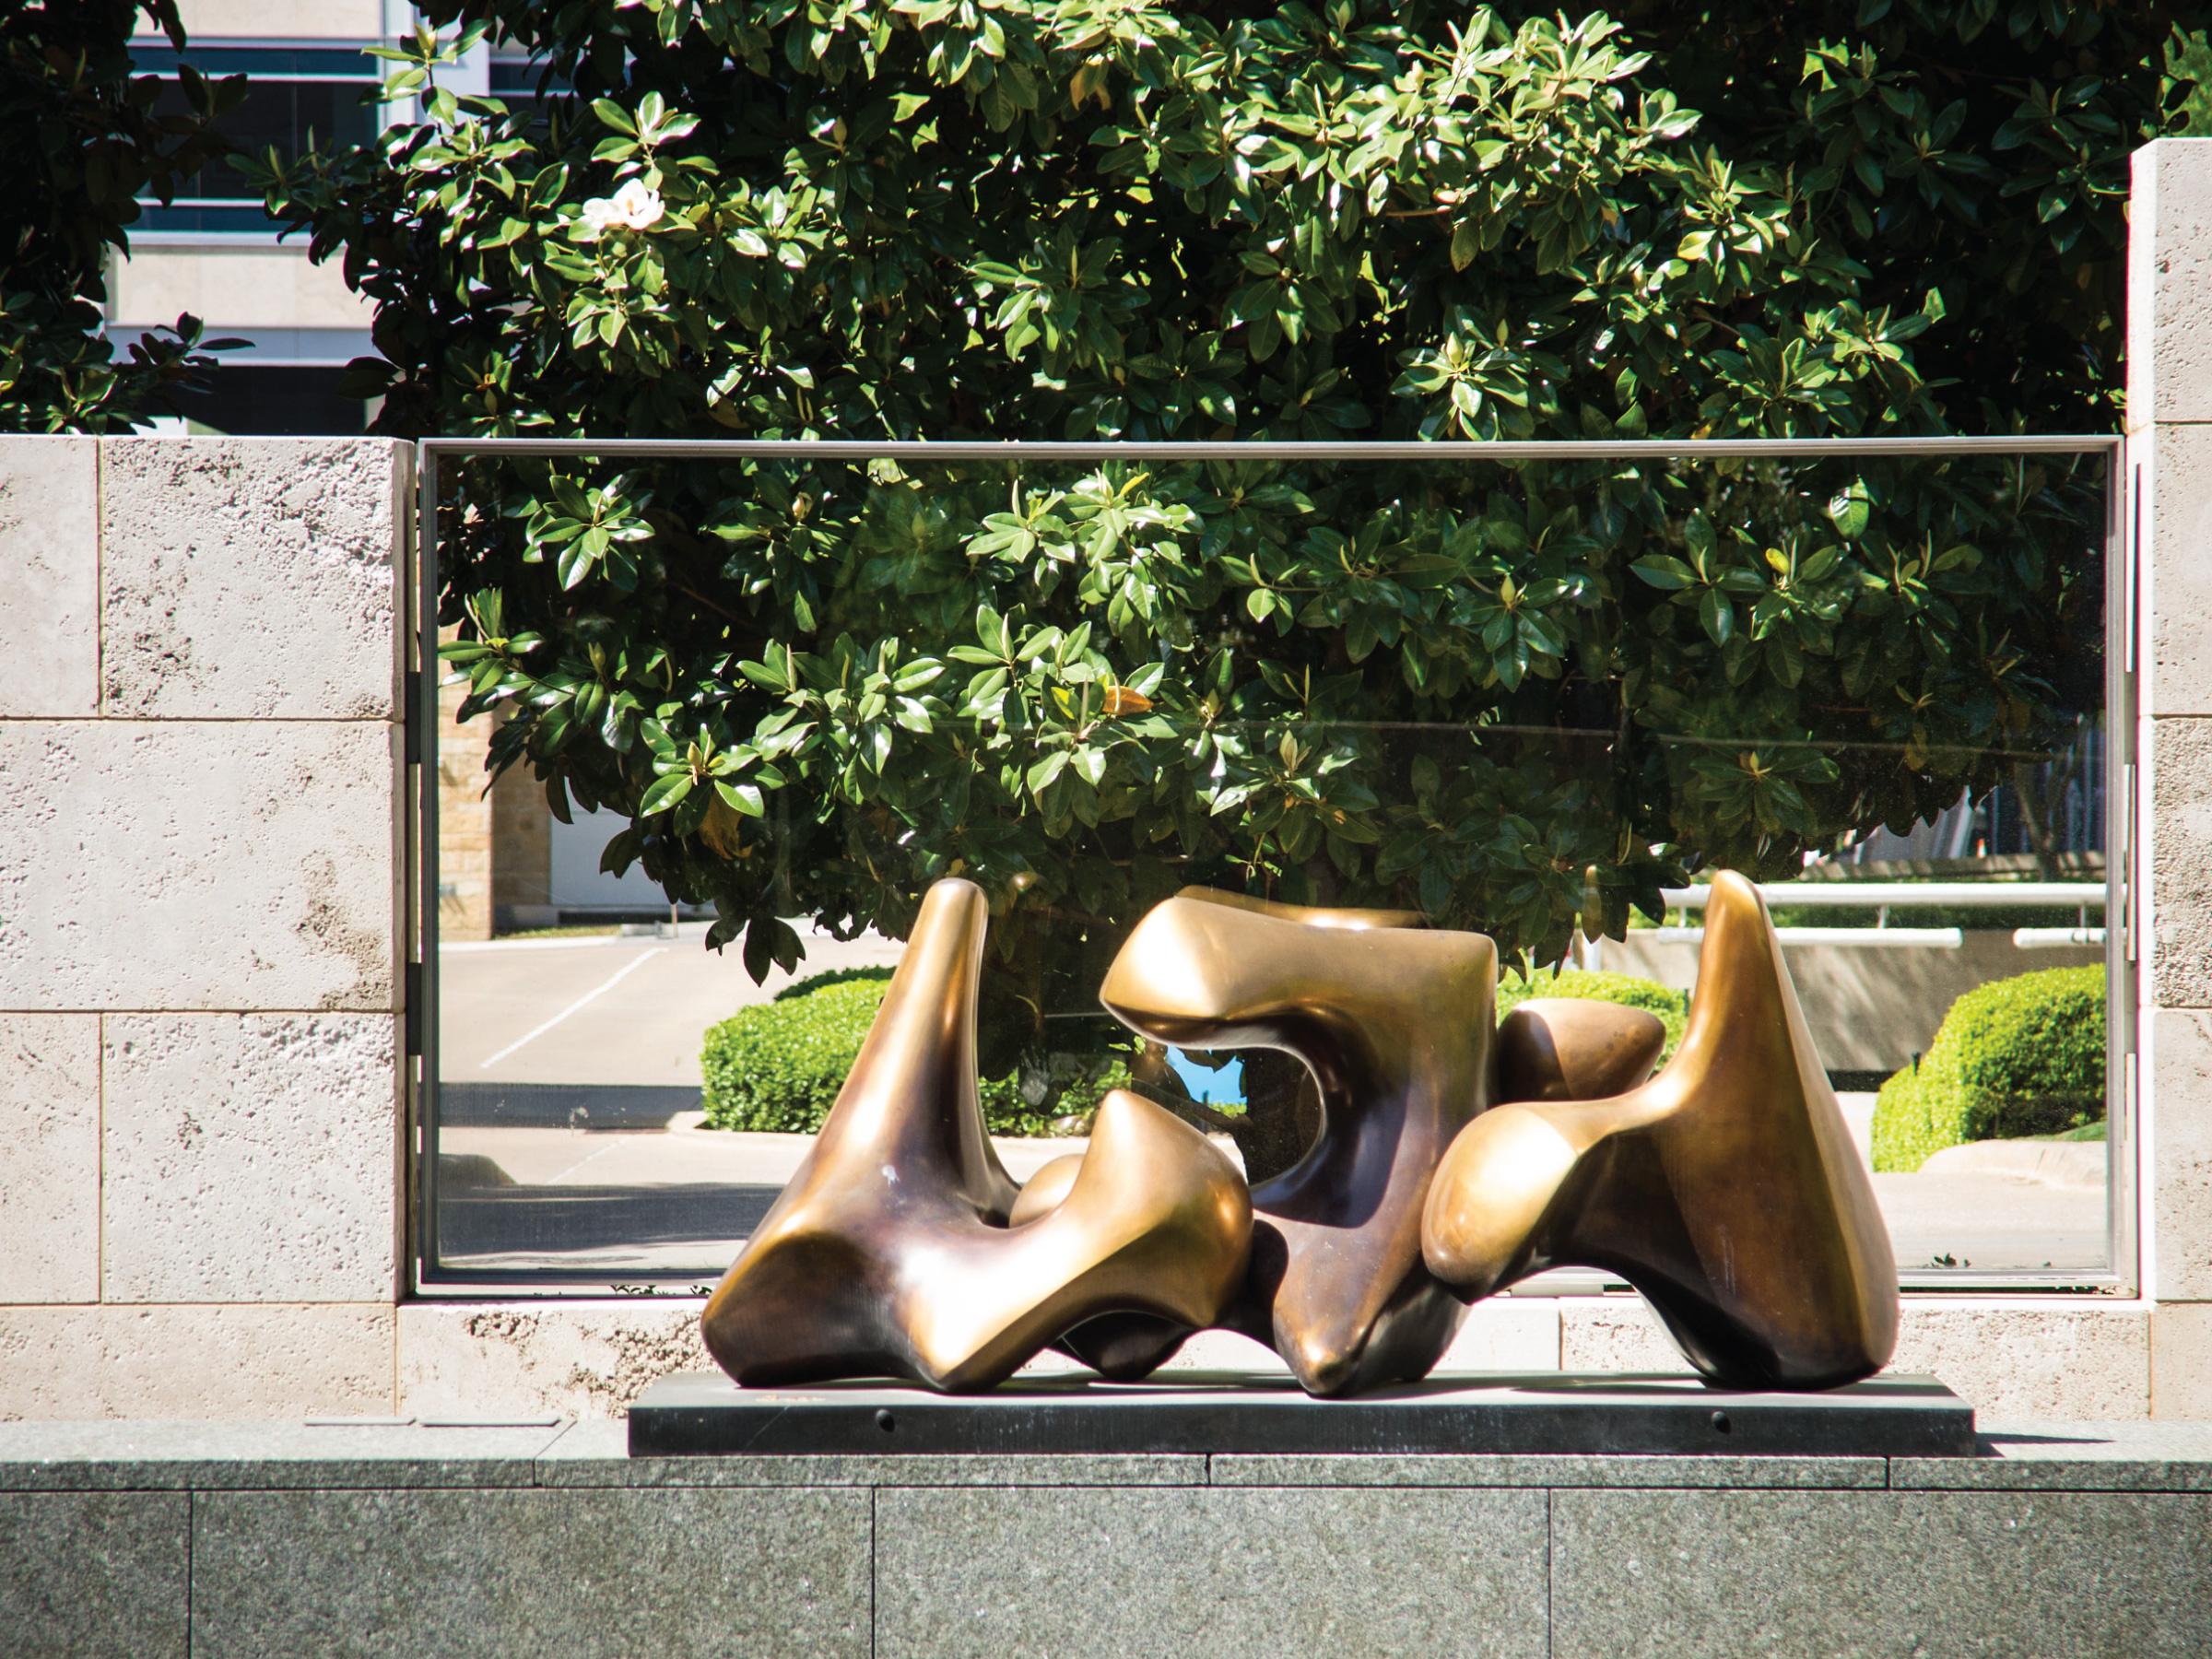 Nasher Sculpture Center Garden Tour by Sam Henderson of Today's Nest for HGTVGardens